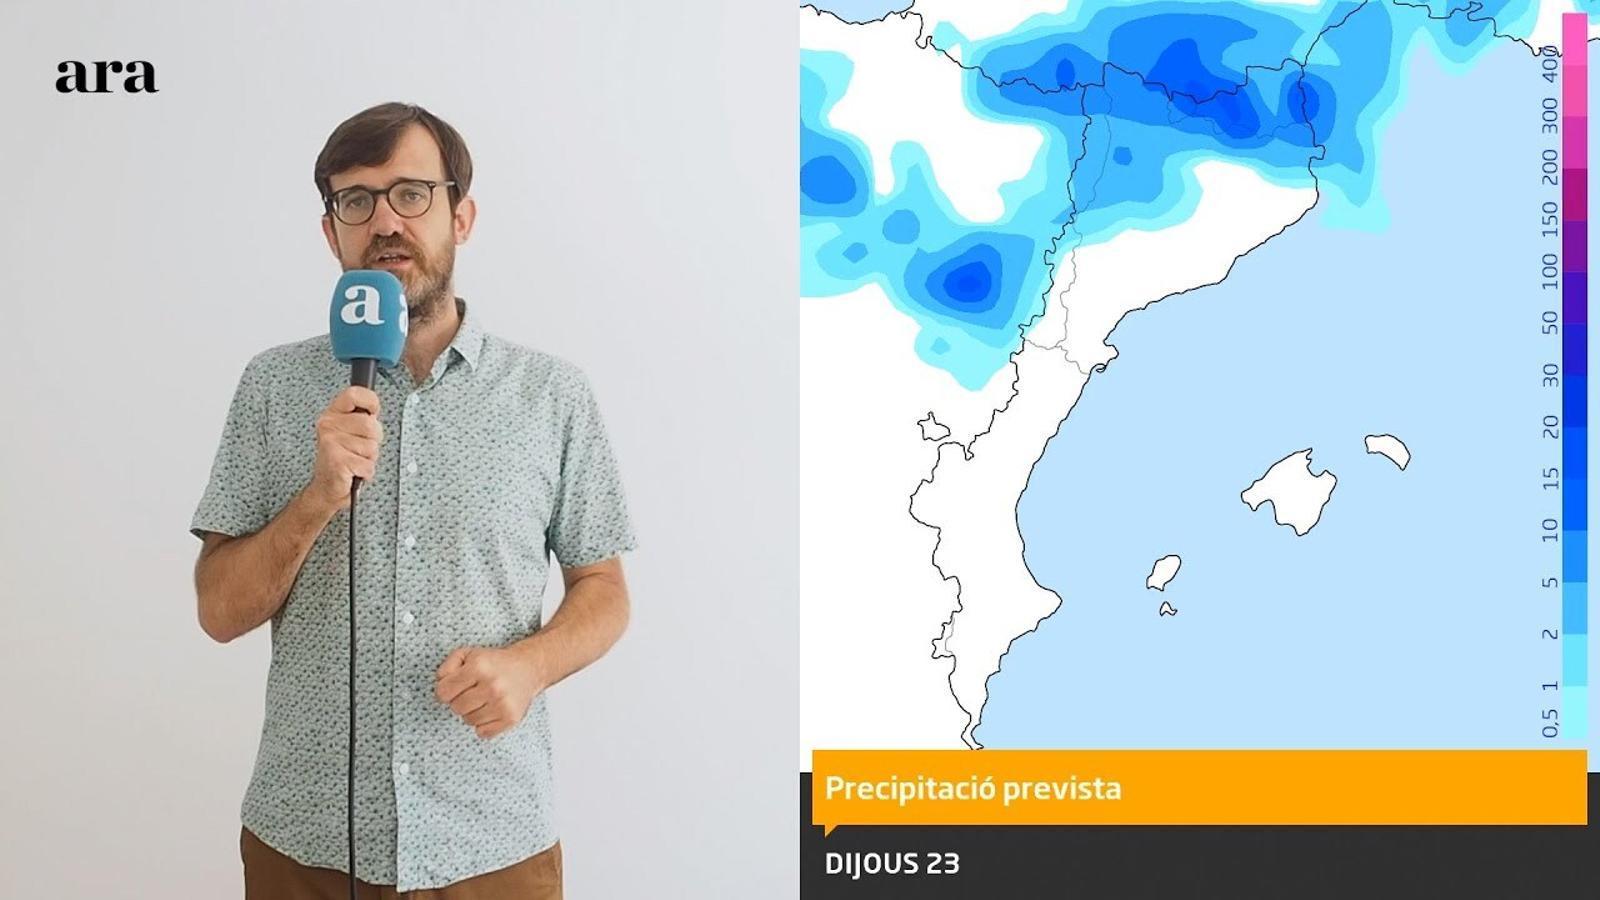 La méteo: calor intensa a l'espera d'un canvi de temps